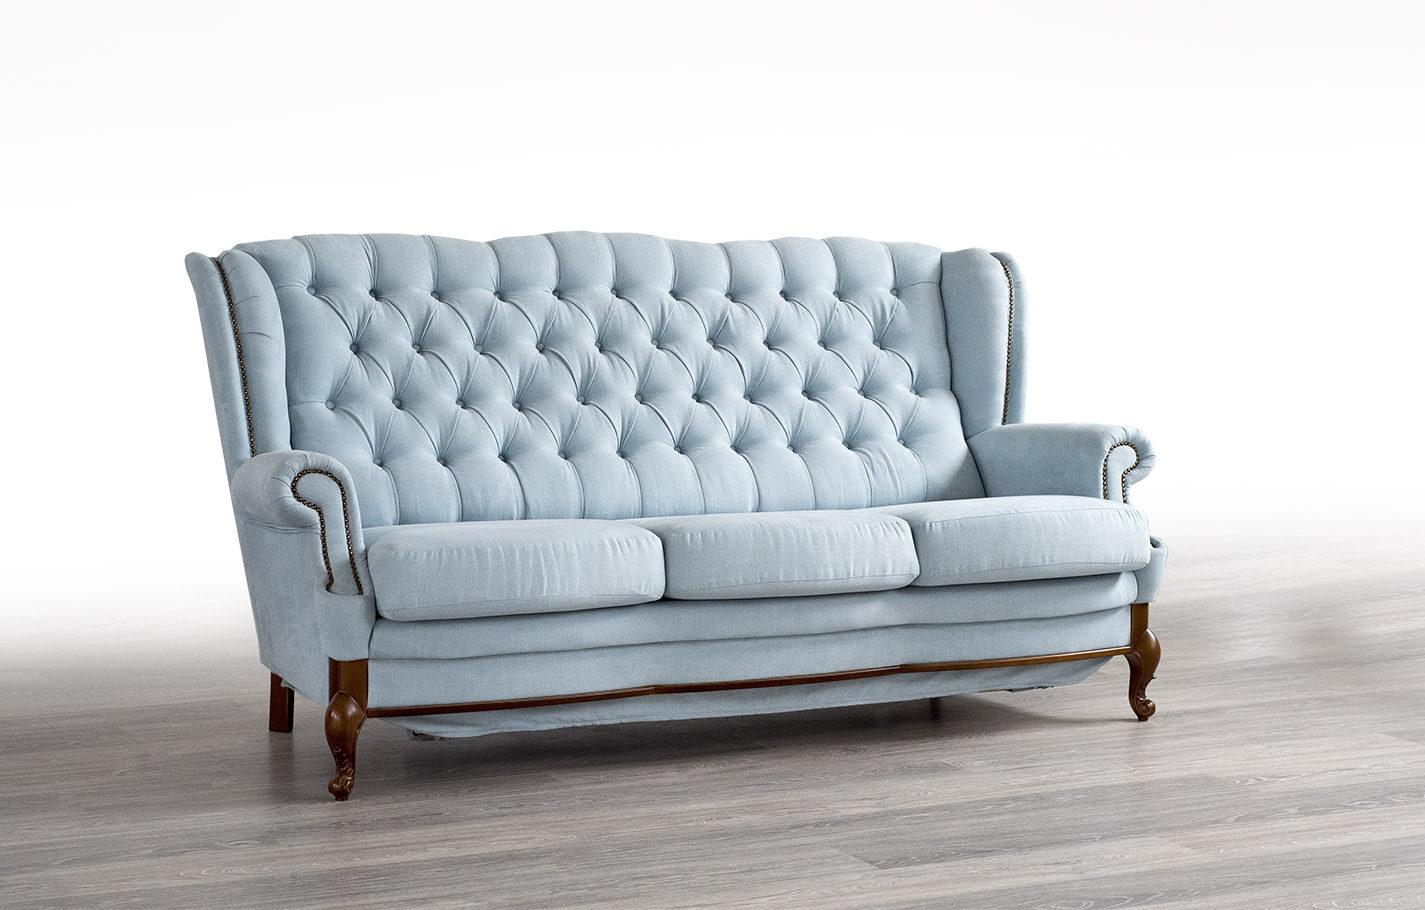 sofa_Lord_11-e1551171203665